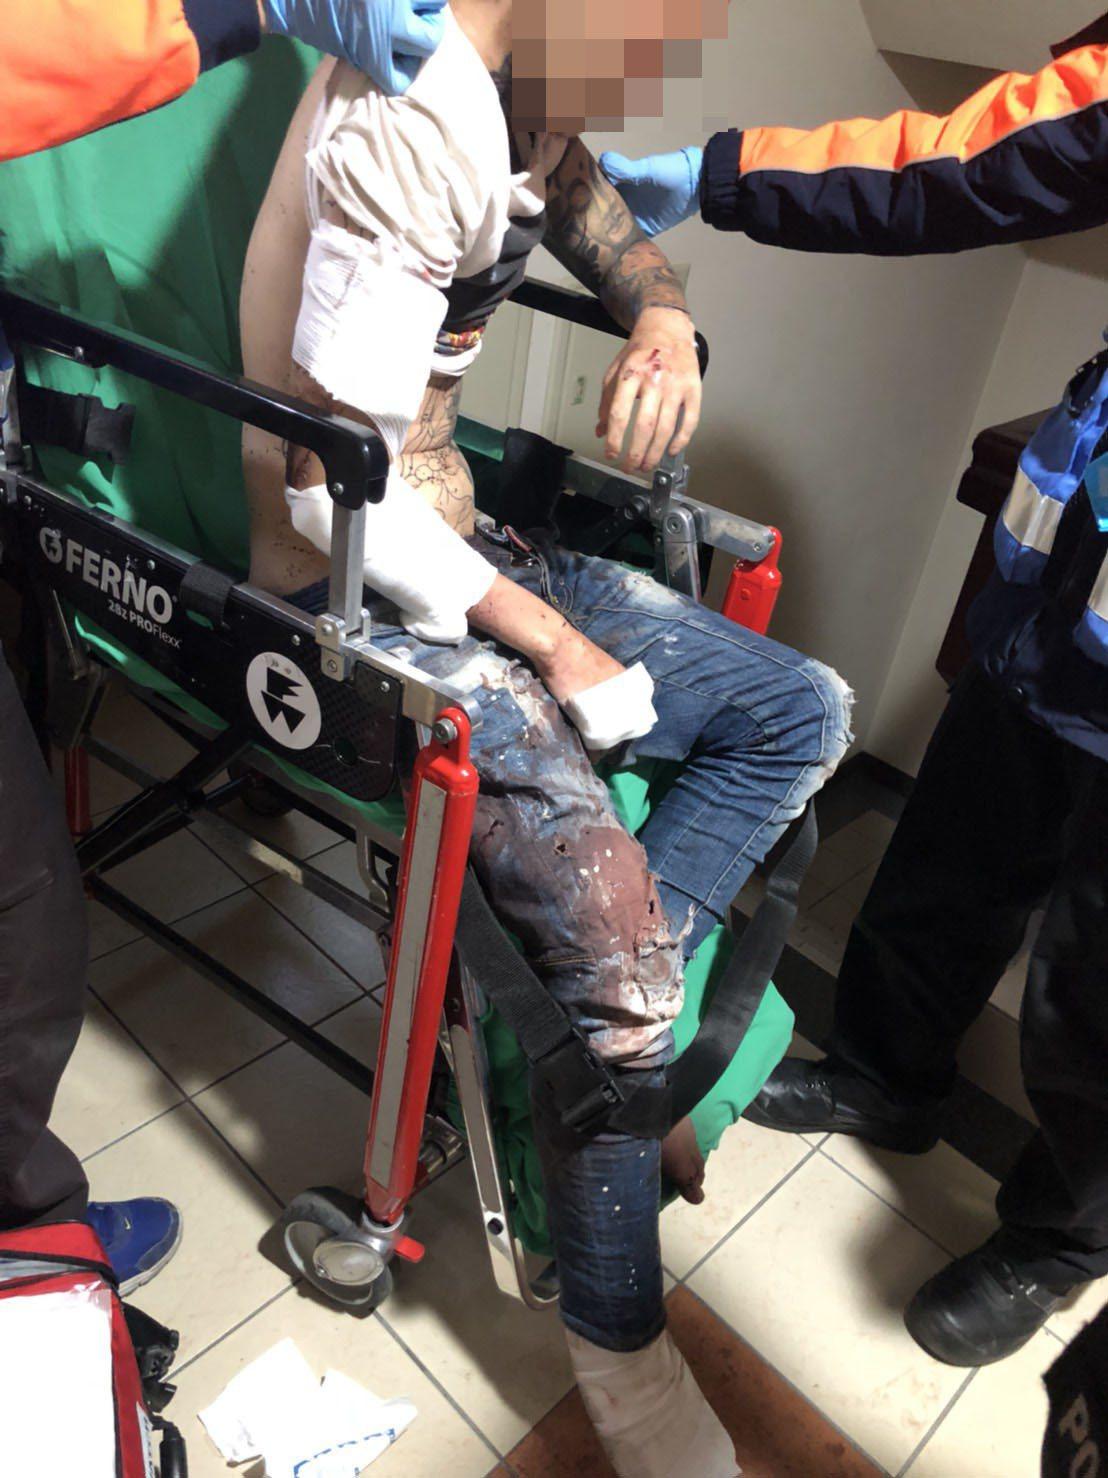 陳姓男子遭陶姓友人涉嫌持牛排刀砍傷送醫。記者黃宣翰/翻攝